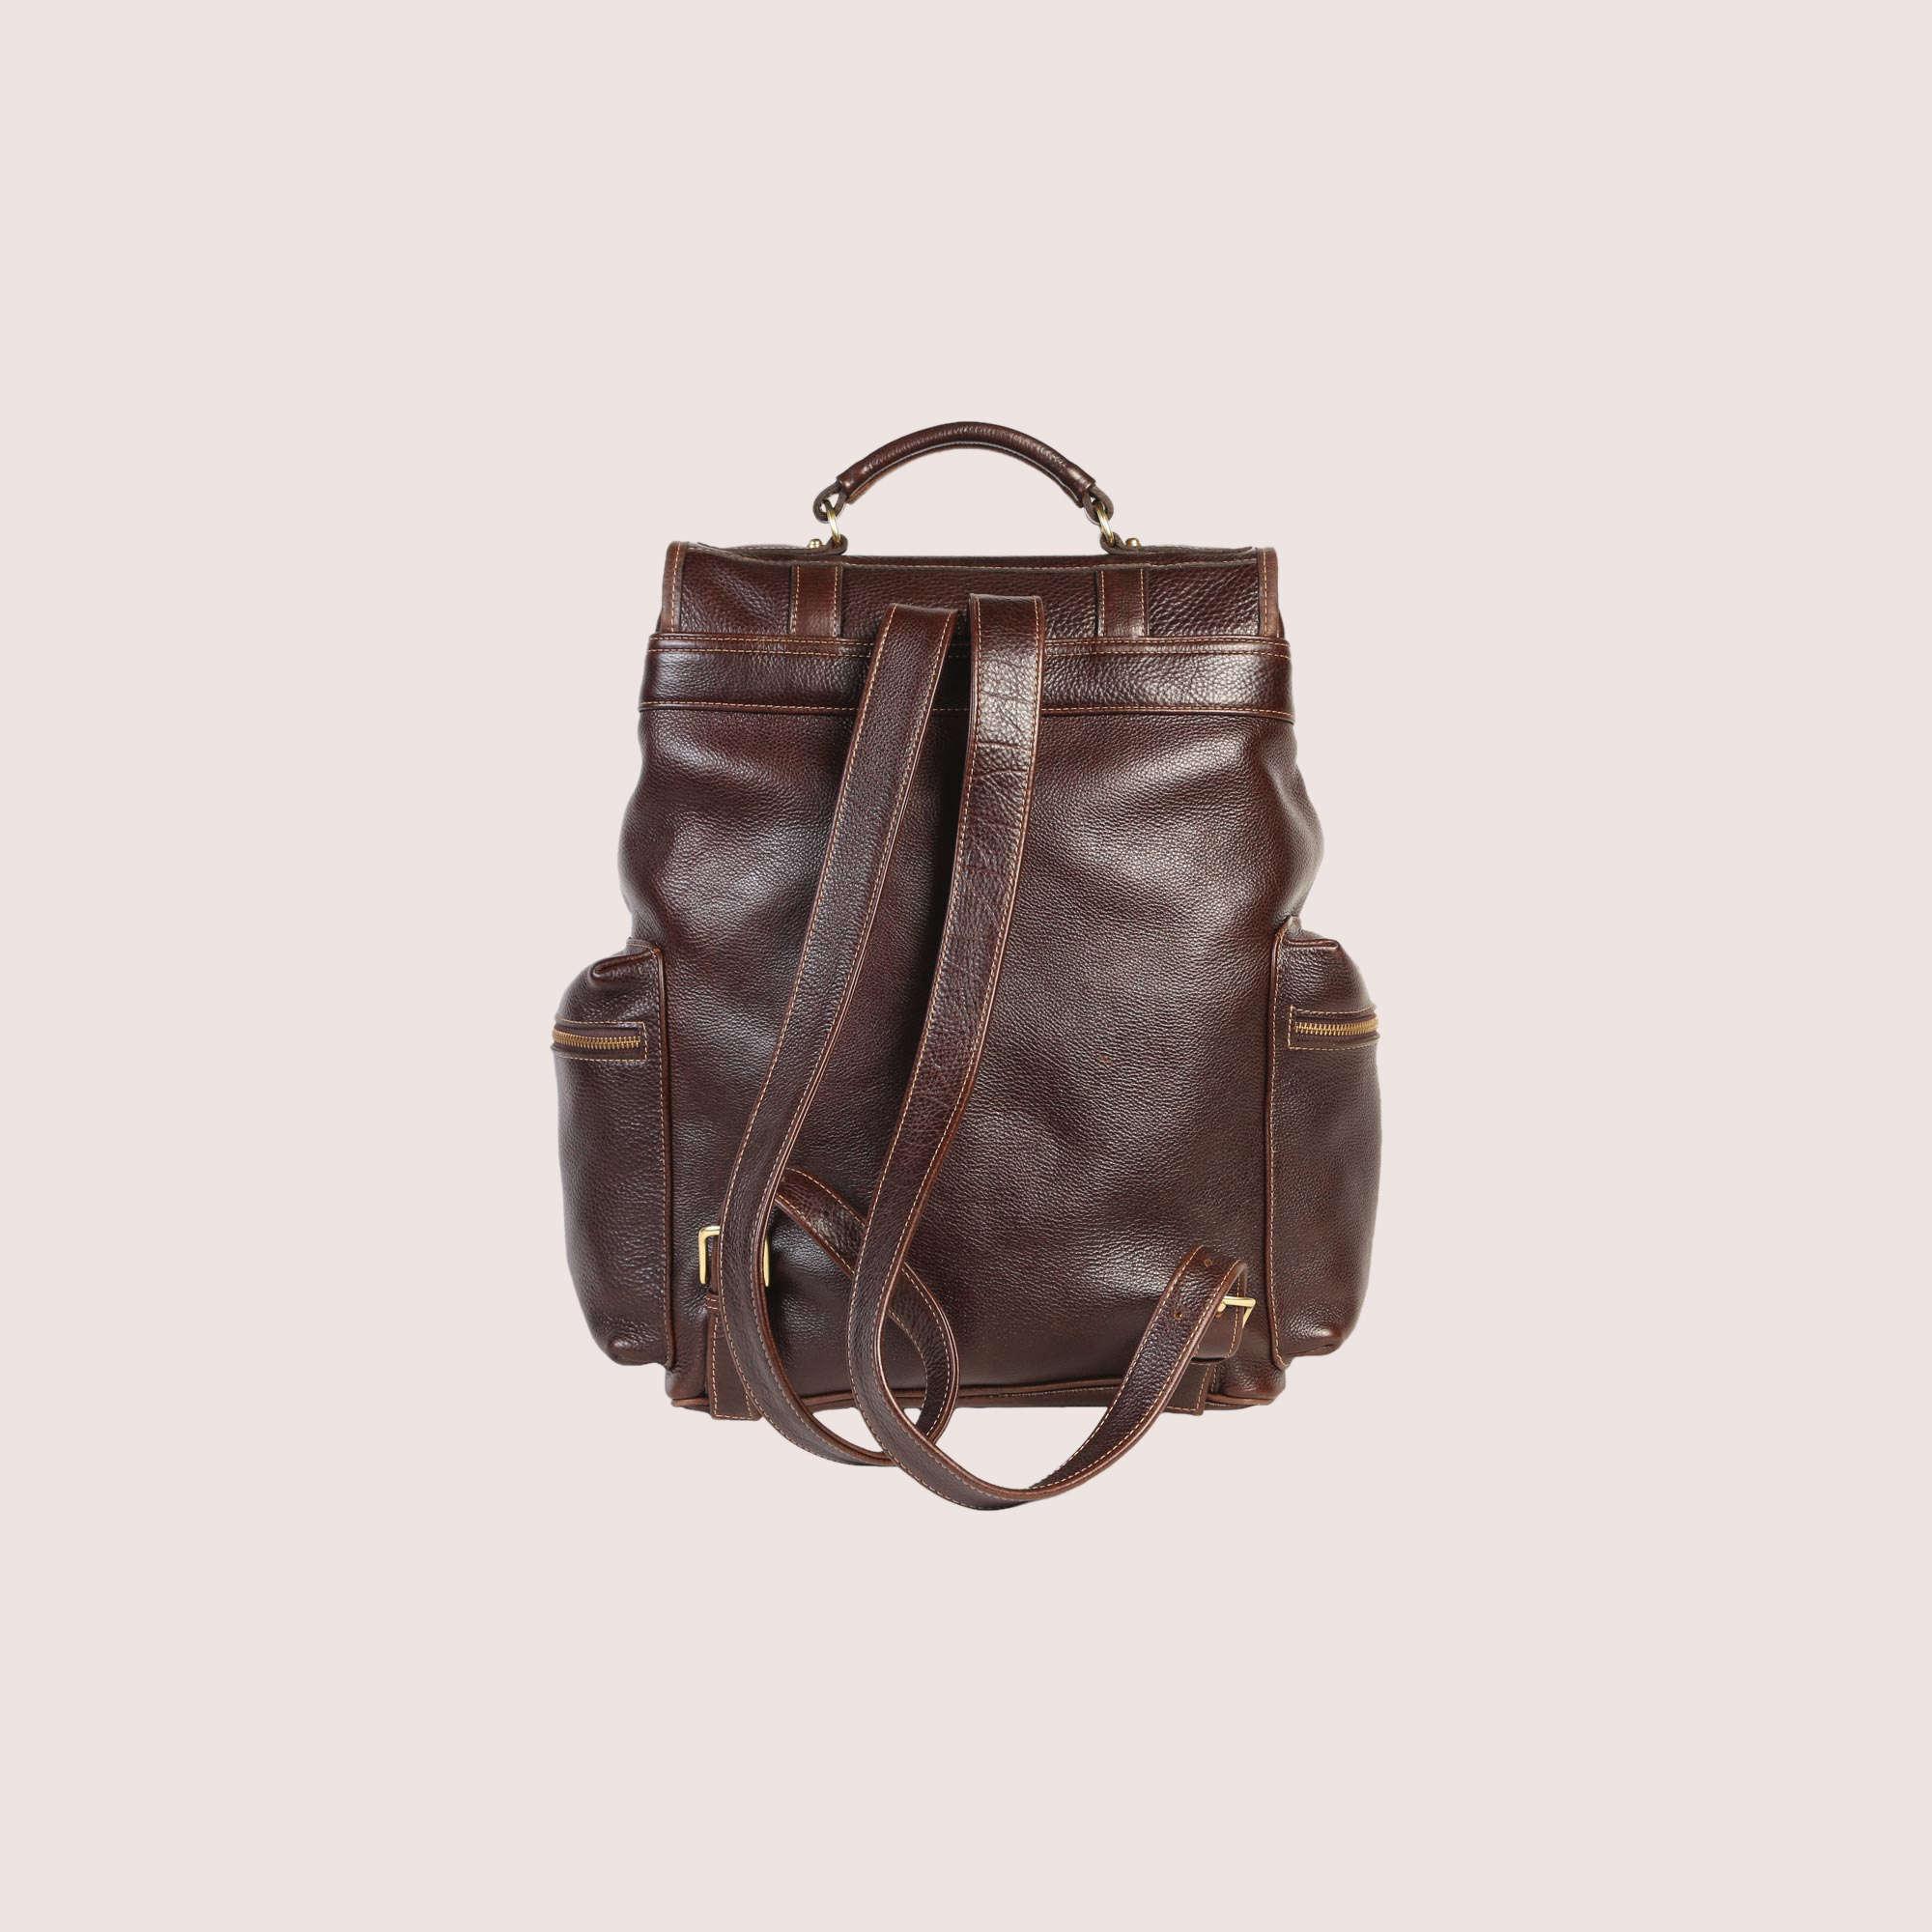 Hollister Travel Backpack